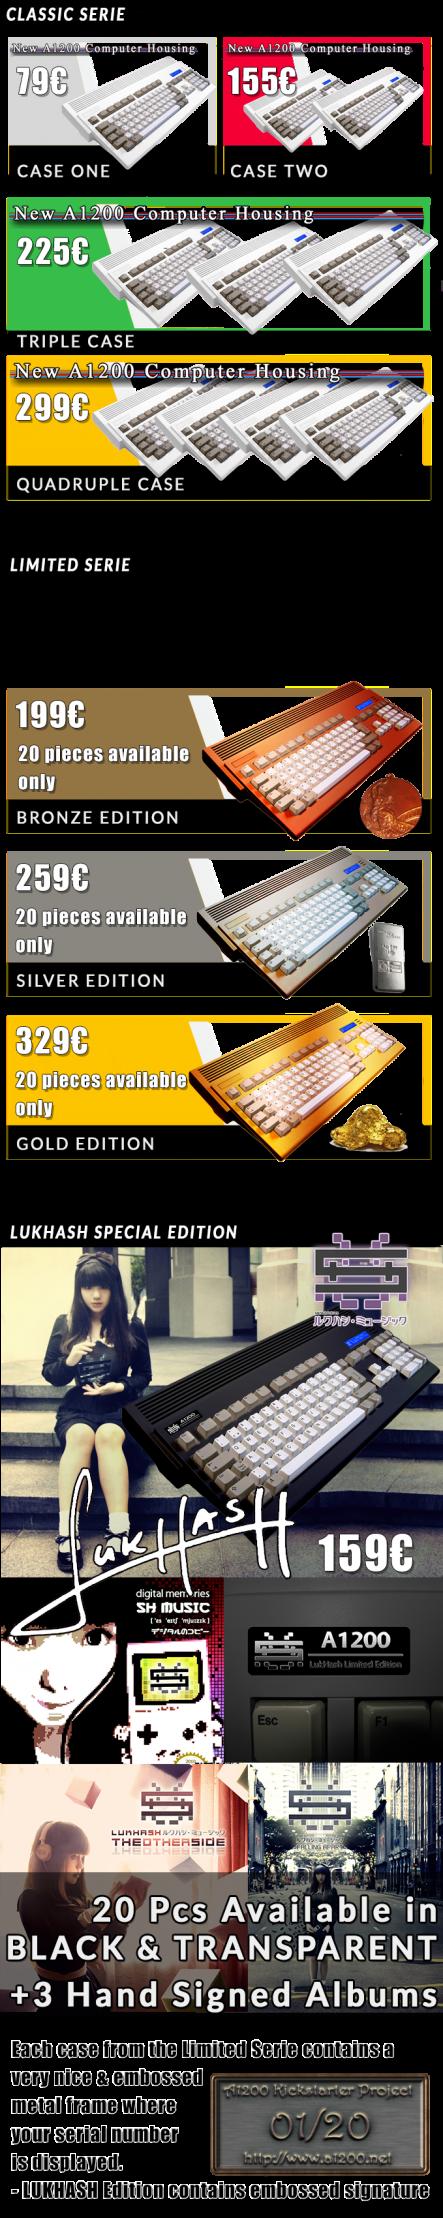 Amiga 1200 Gehäuse